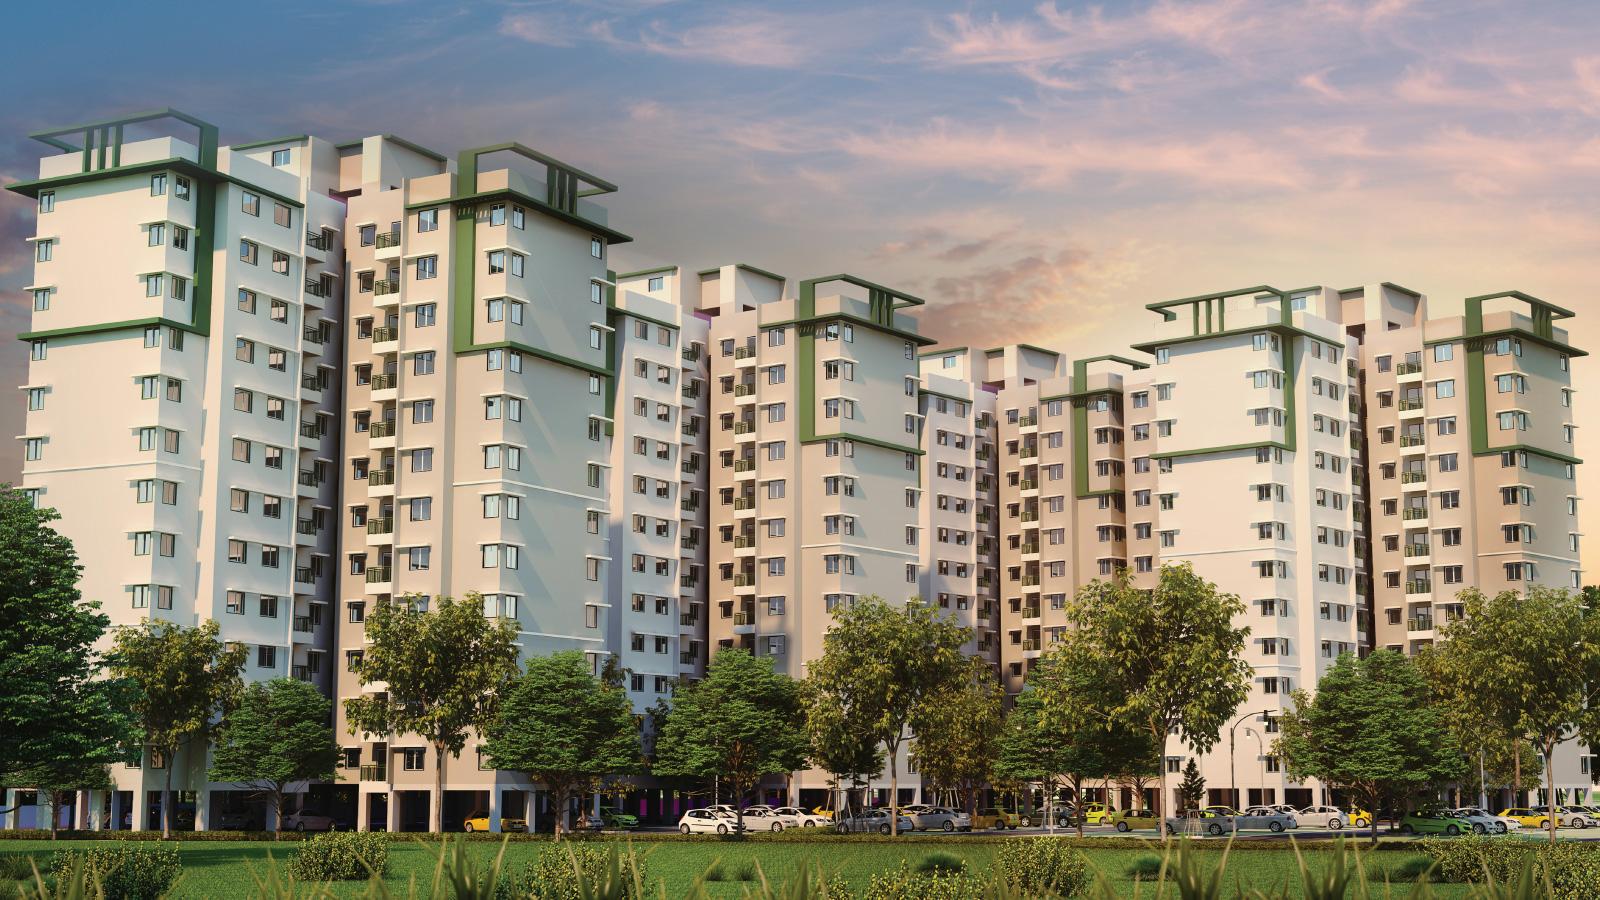 Provident Housing